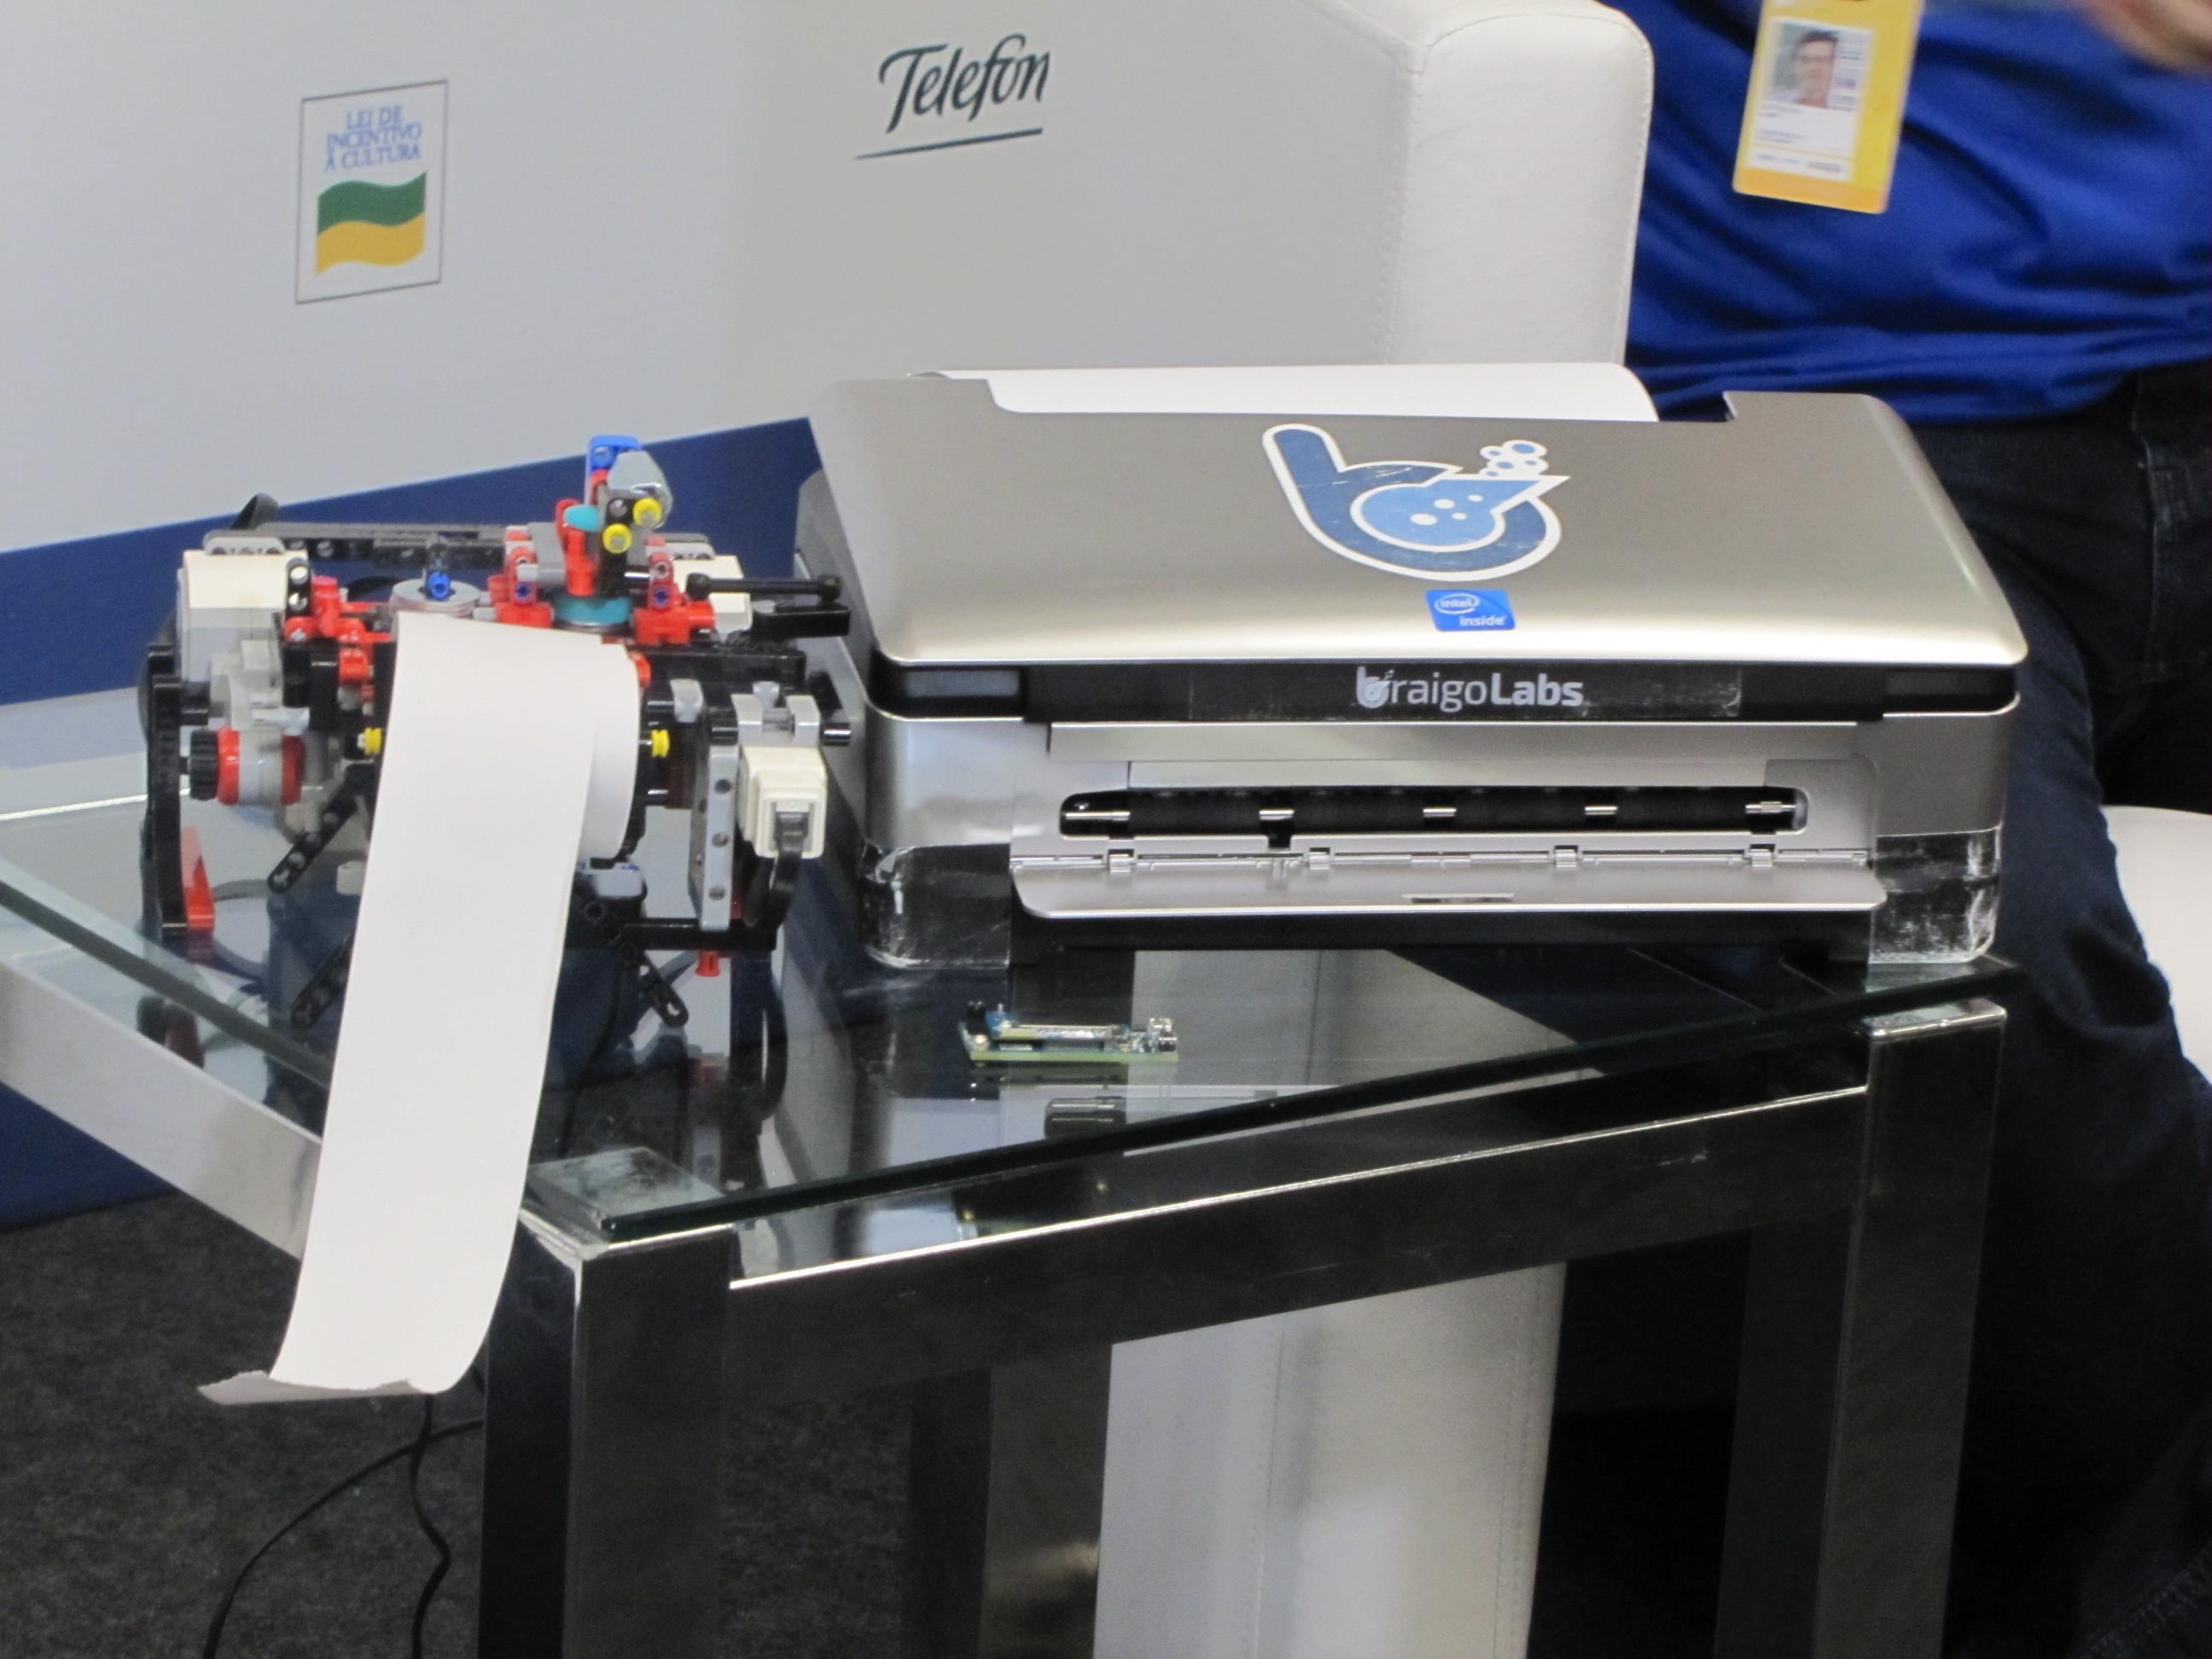 impressoras braigo